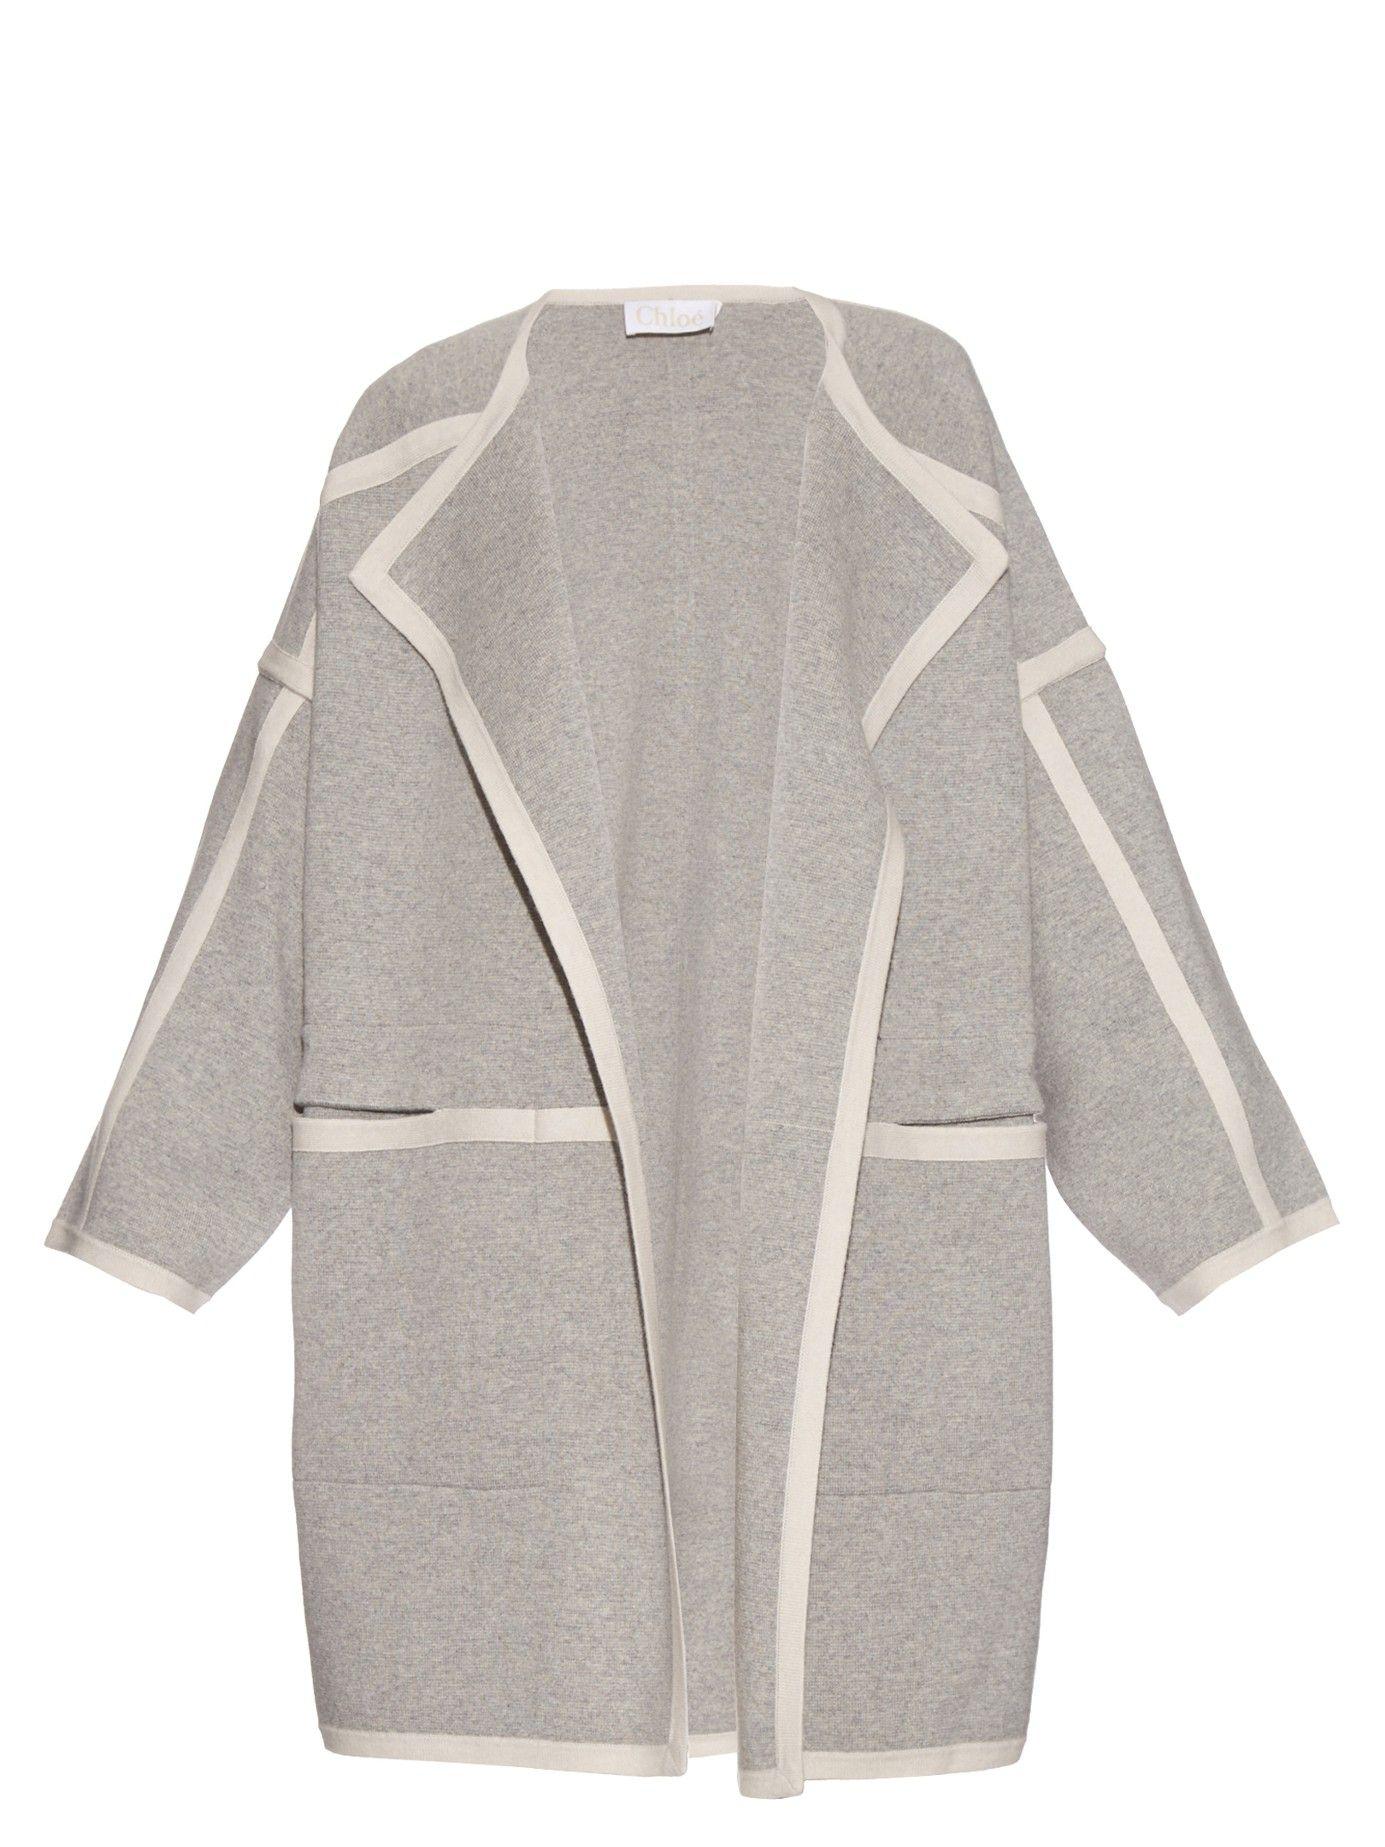 Contrast Trim Cashmere Knit Jacket